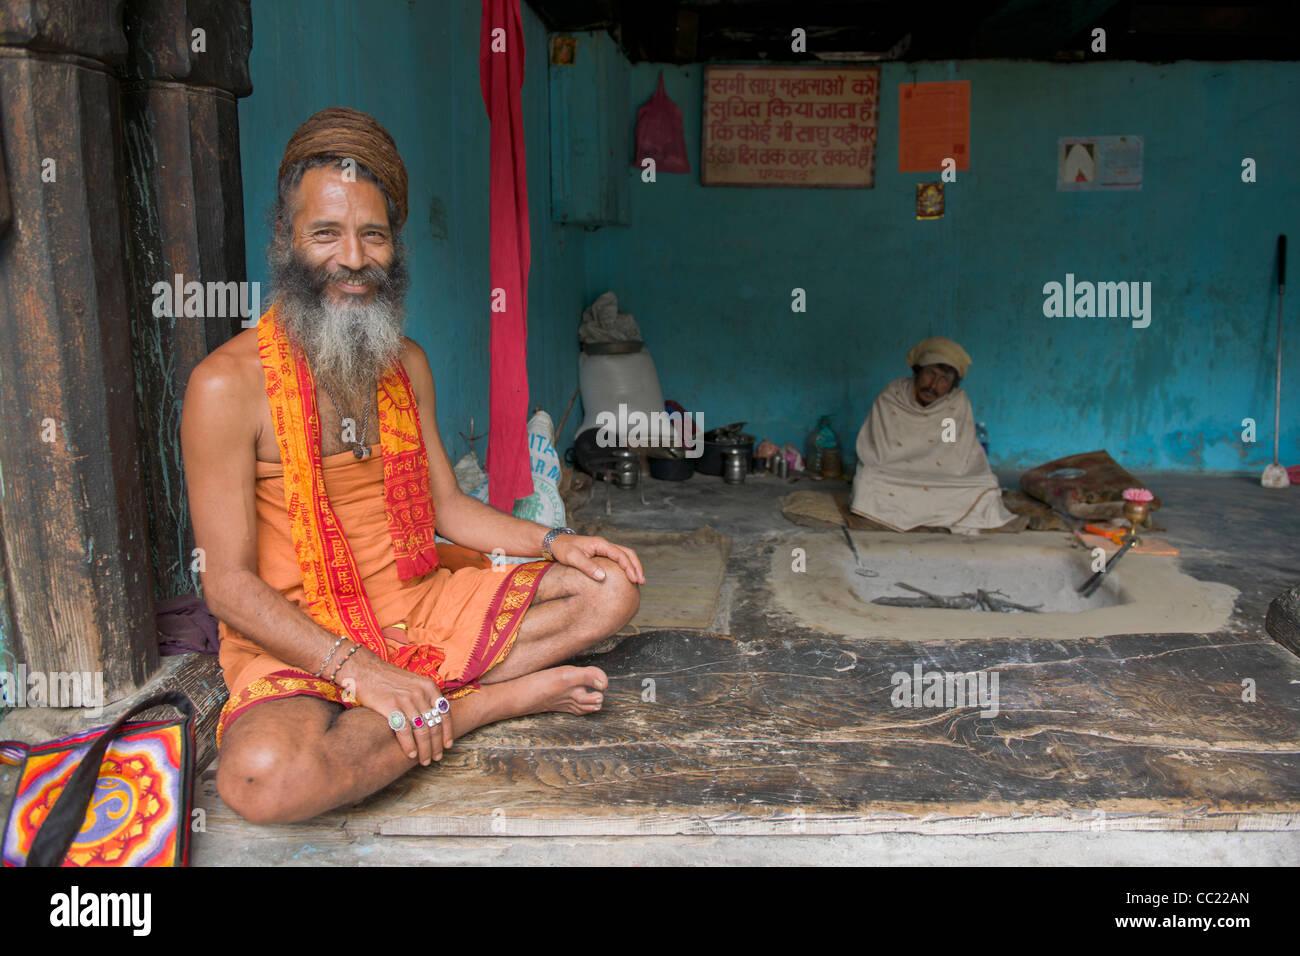 Motorcycle Baba, a Sadhu from the Juna Akhara, in an ashram at the Vashisht temple, Manali, Himachal Pradesh, India - Stock Image